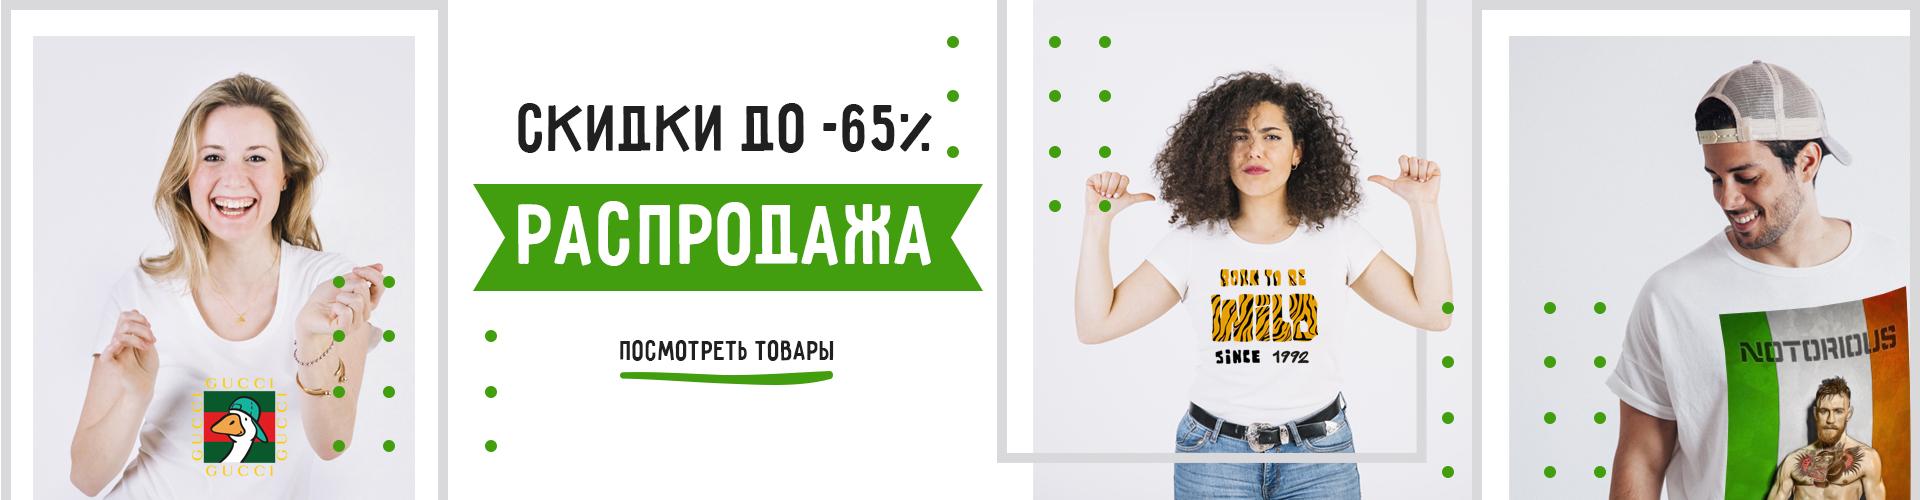 27803068e Печать на футболках - футболки на заказ в Киеве, низкие цены ...